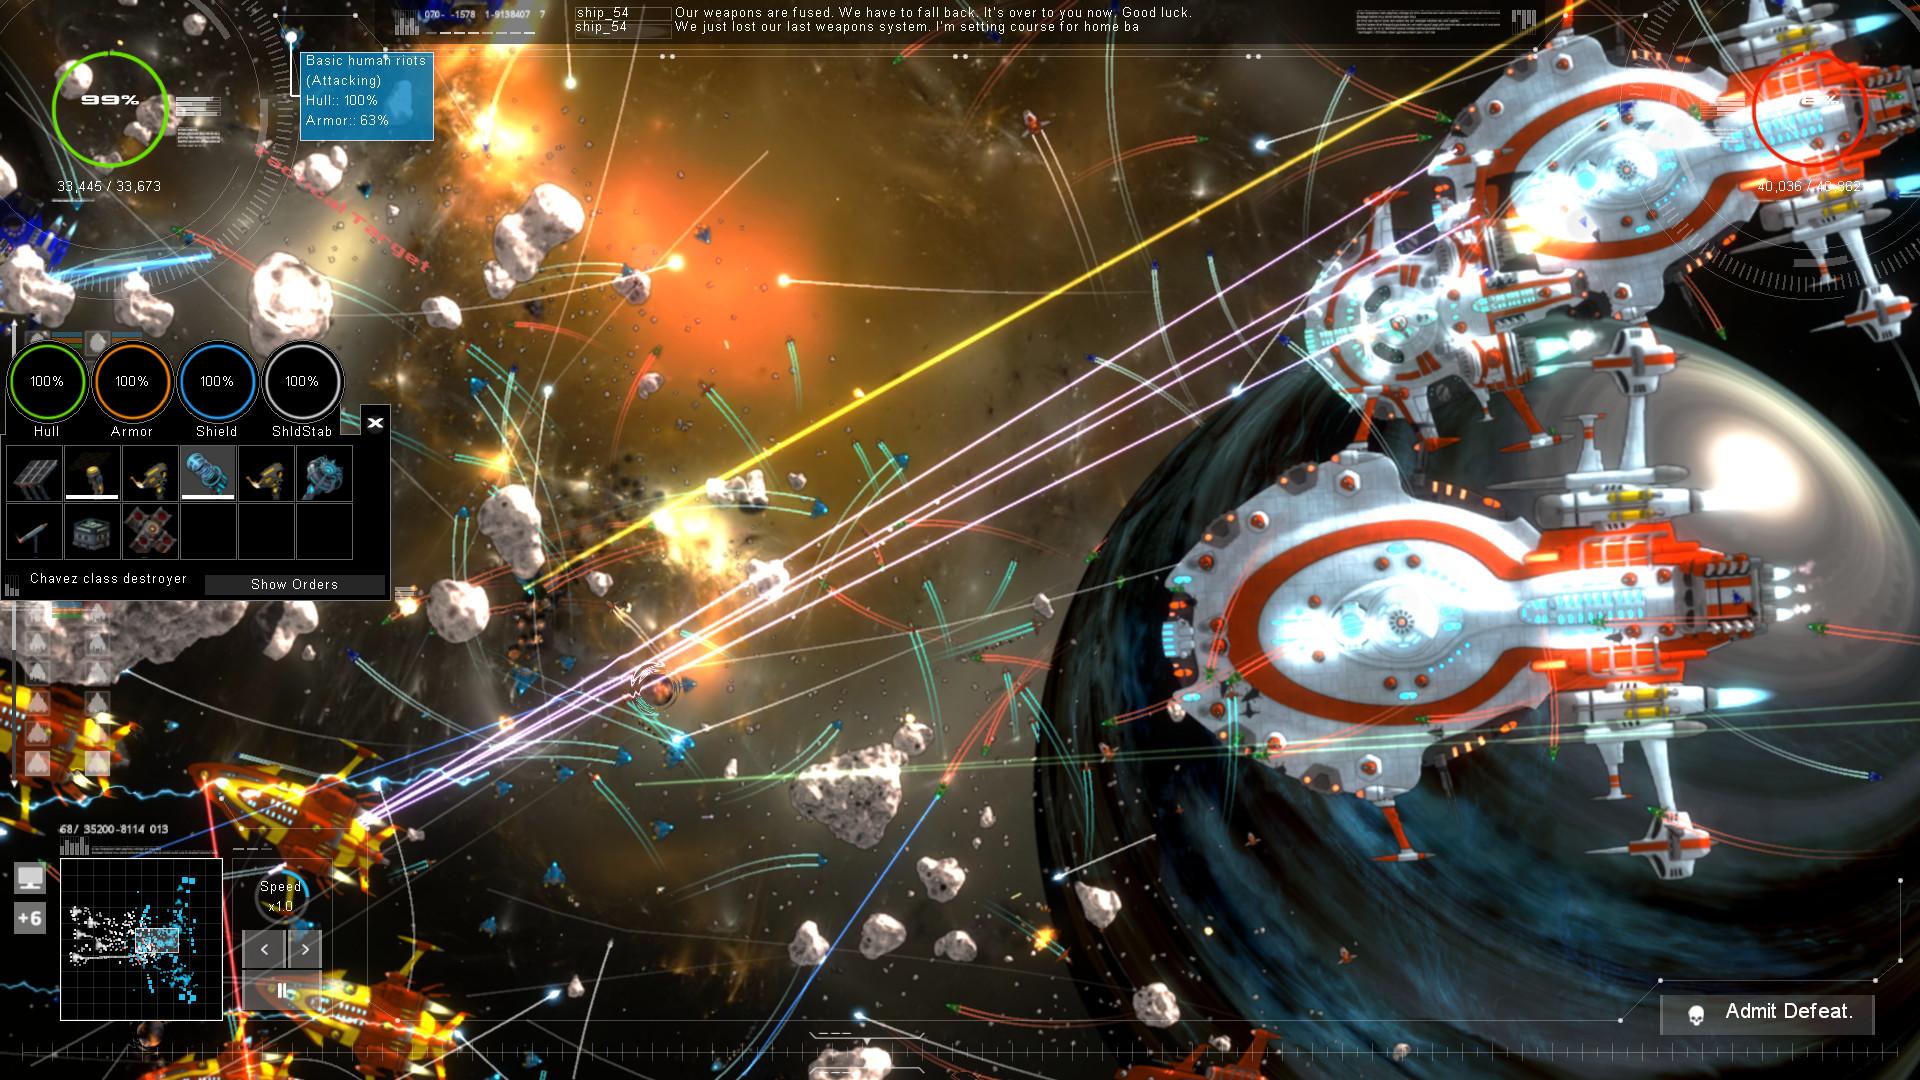 Epic Space Battles Wallpaper - WallpaperSafari